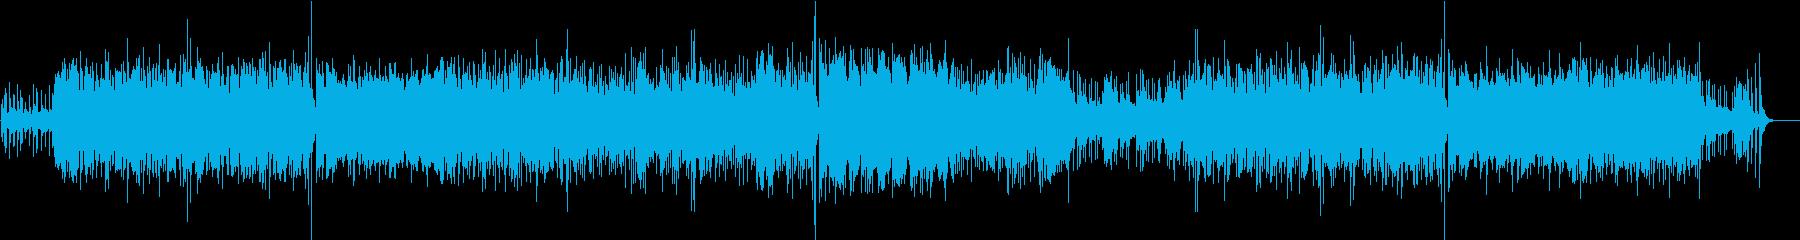 ピアノ&エレクトロニカ 印象的な旋律の再生済みの波形